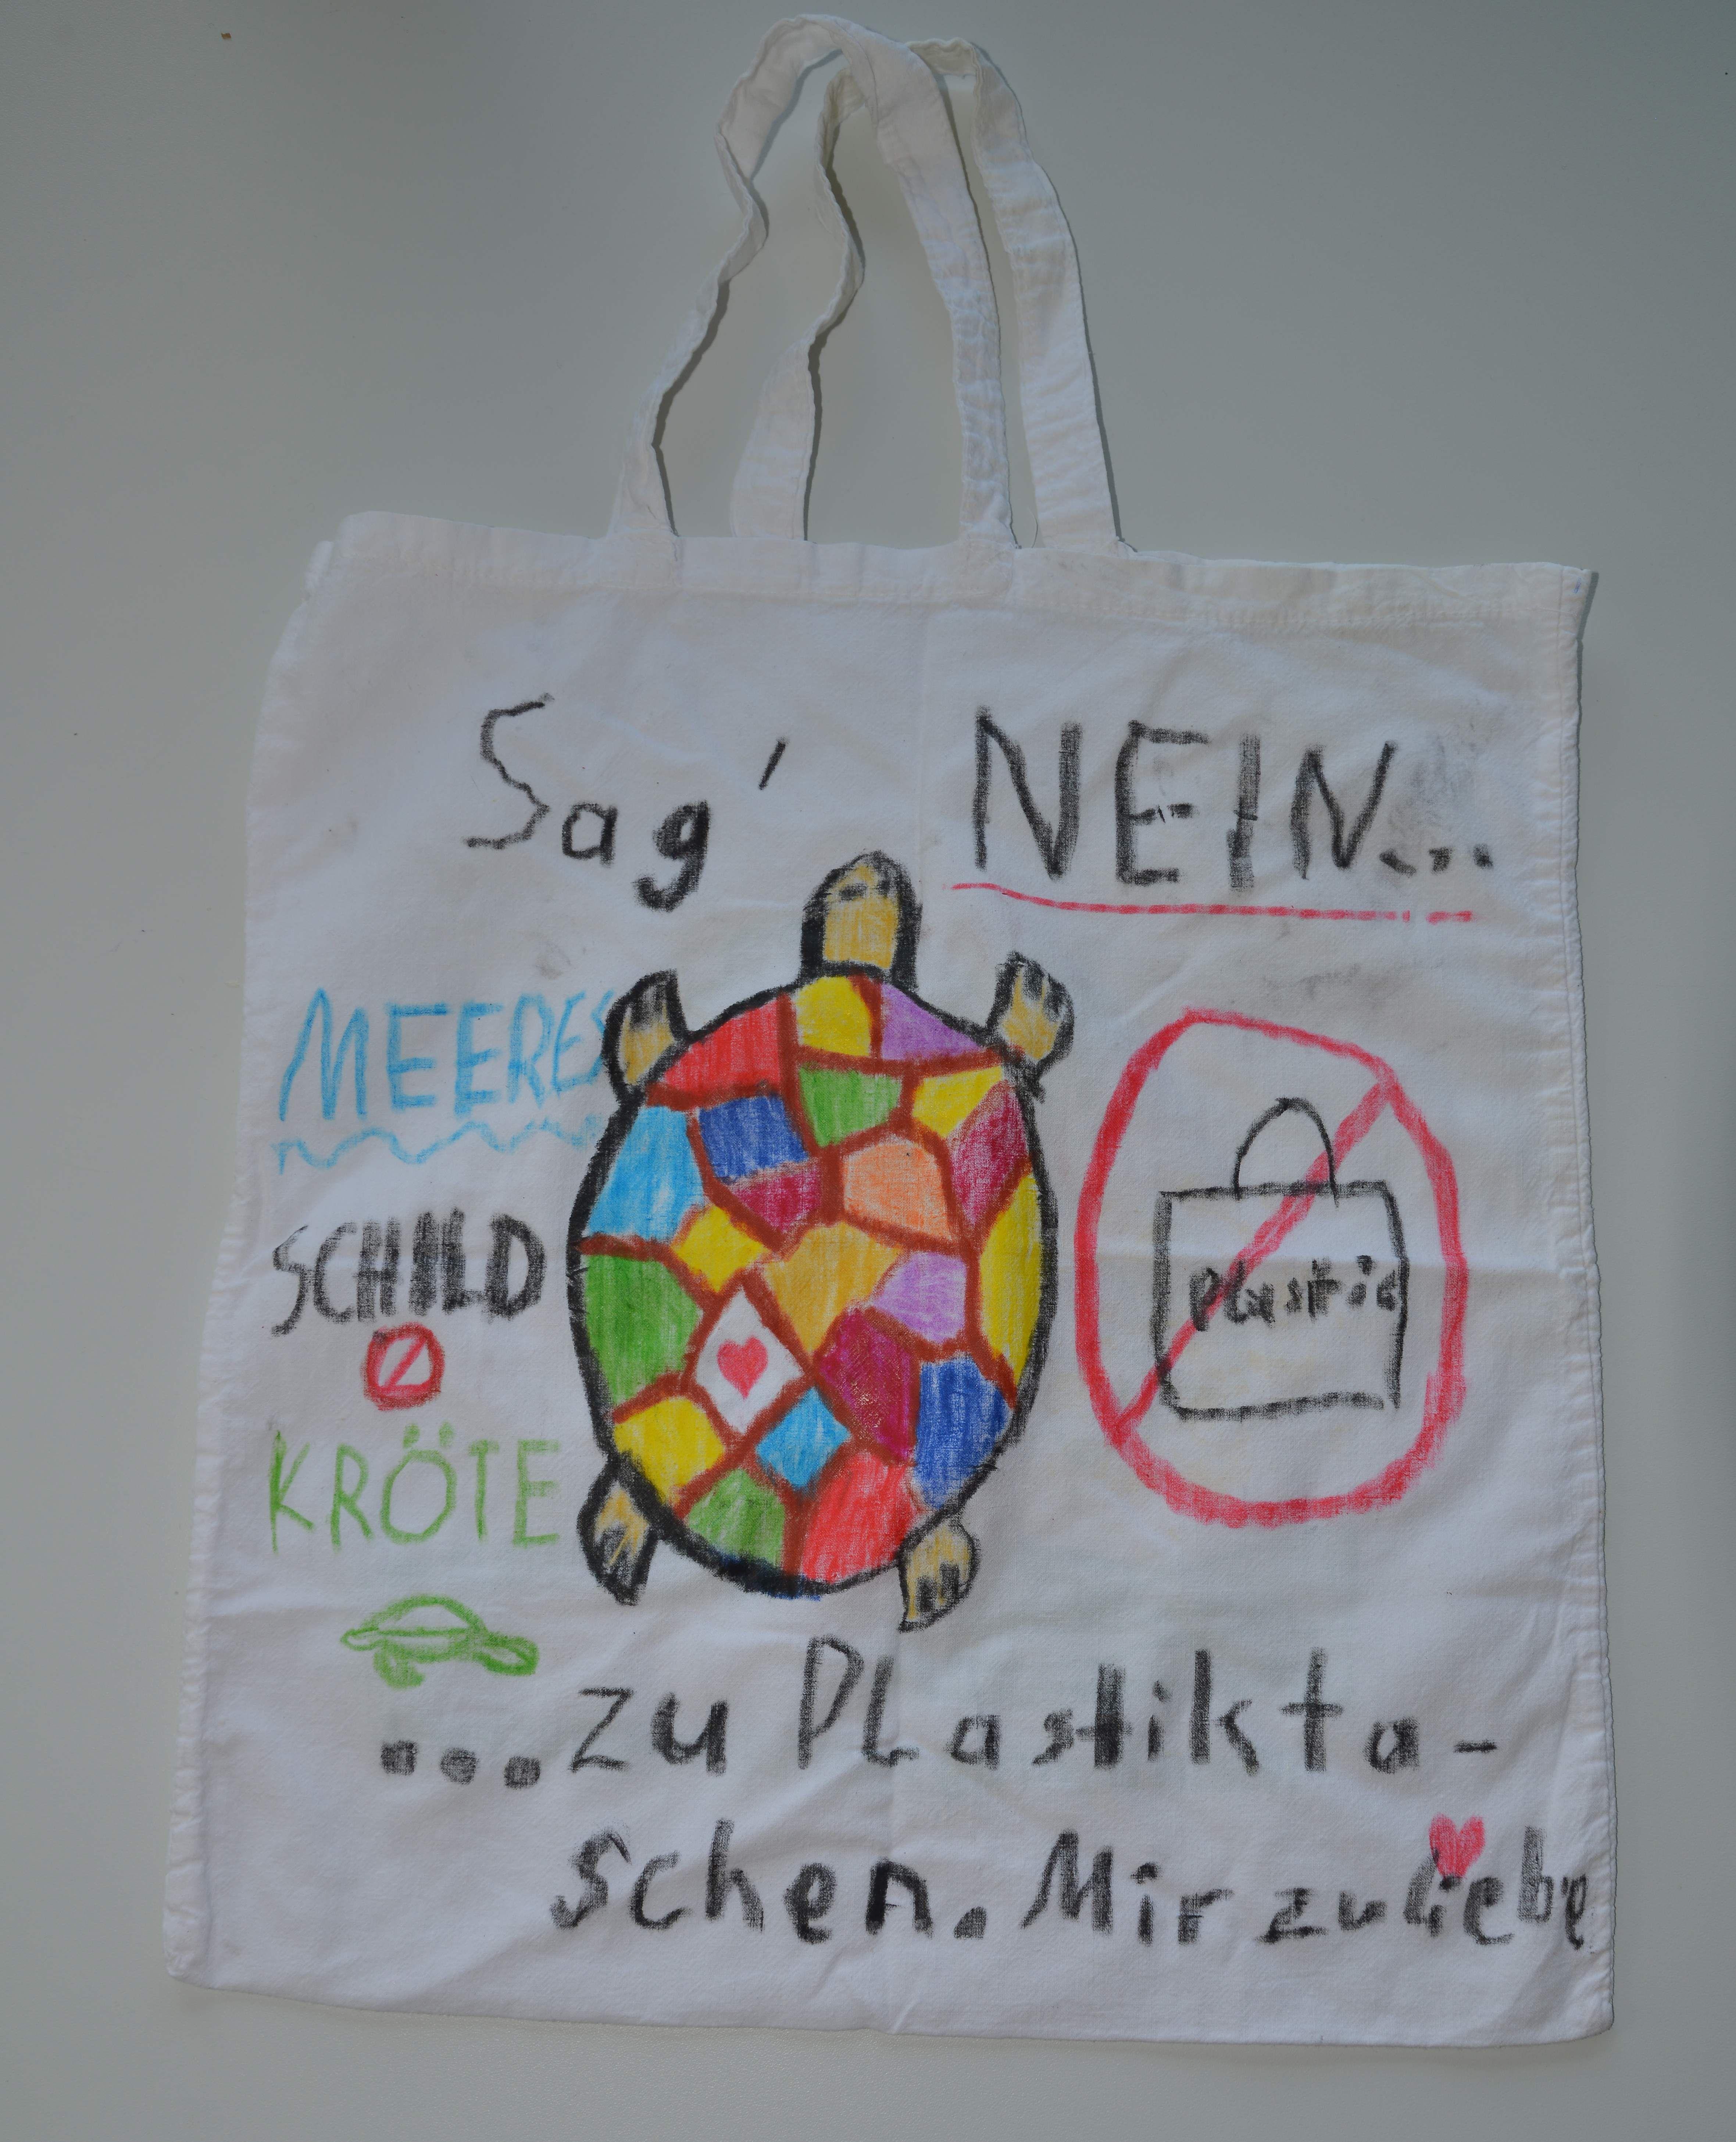 Stofftaschen statt Plastiktüten - zum Schutz der Meeresschildkröten.  Bild (c) AGA/Matthias-Alexander Braun